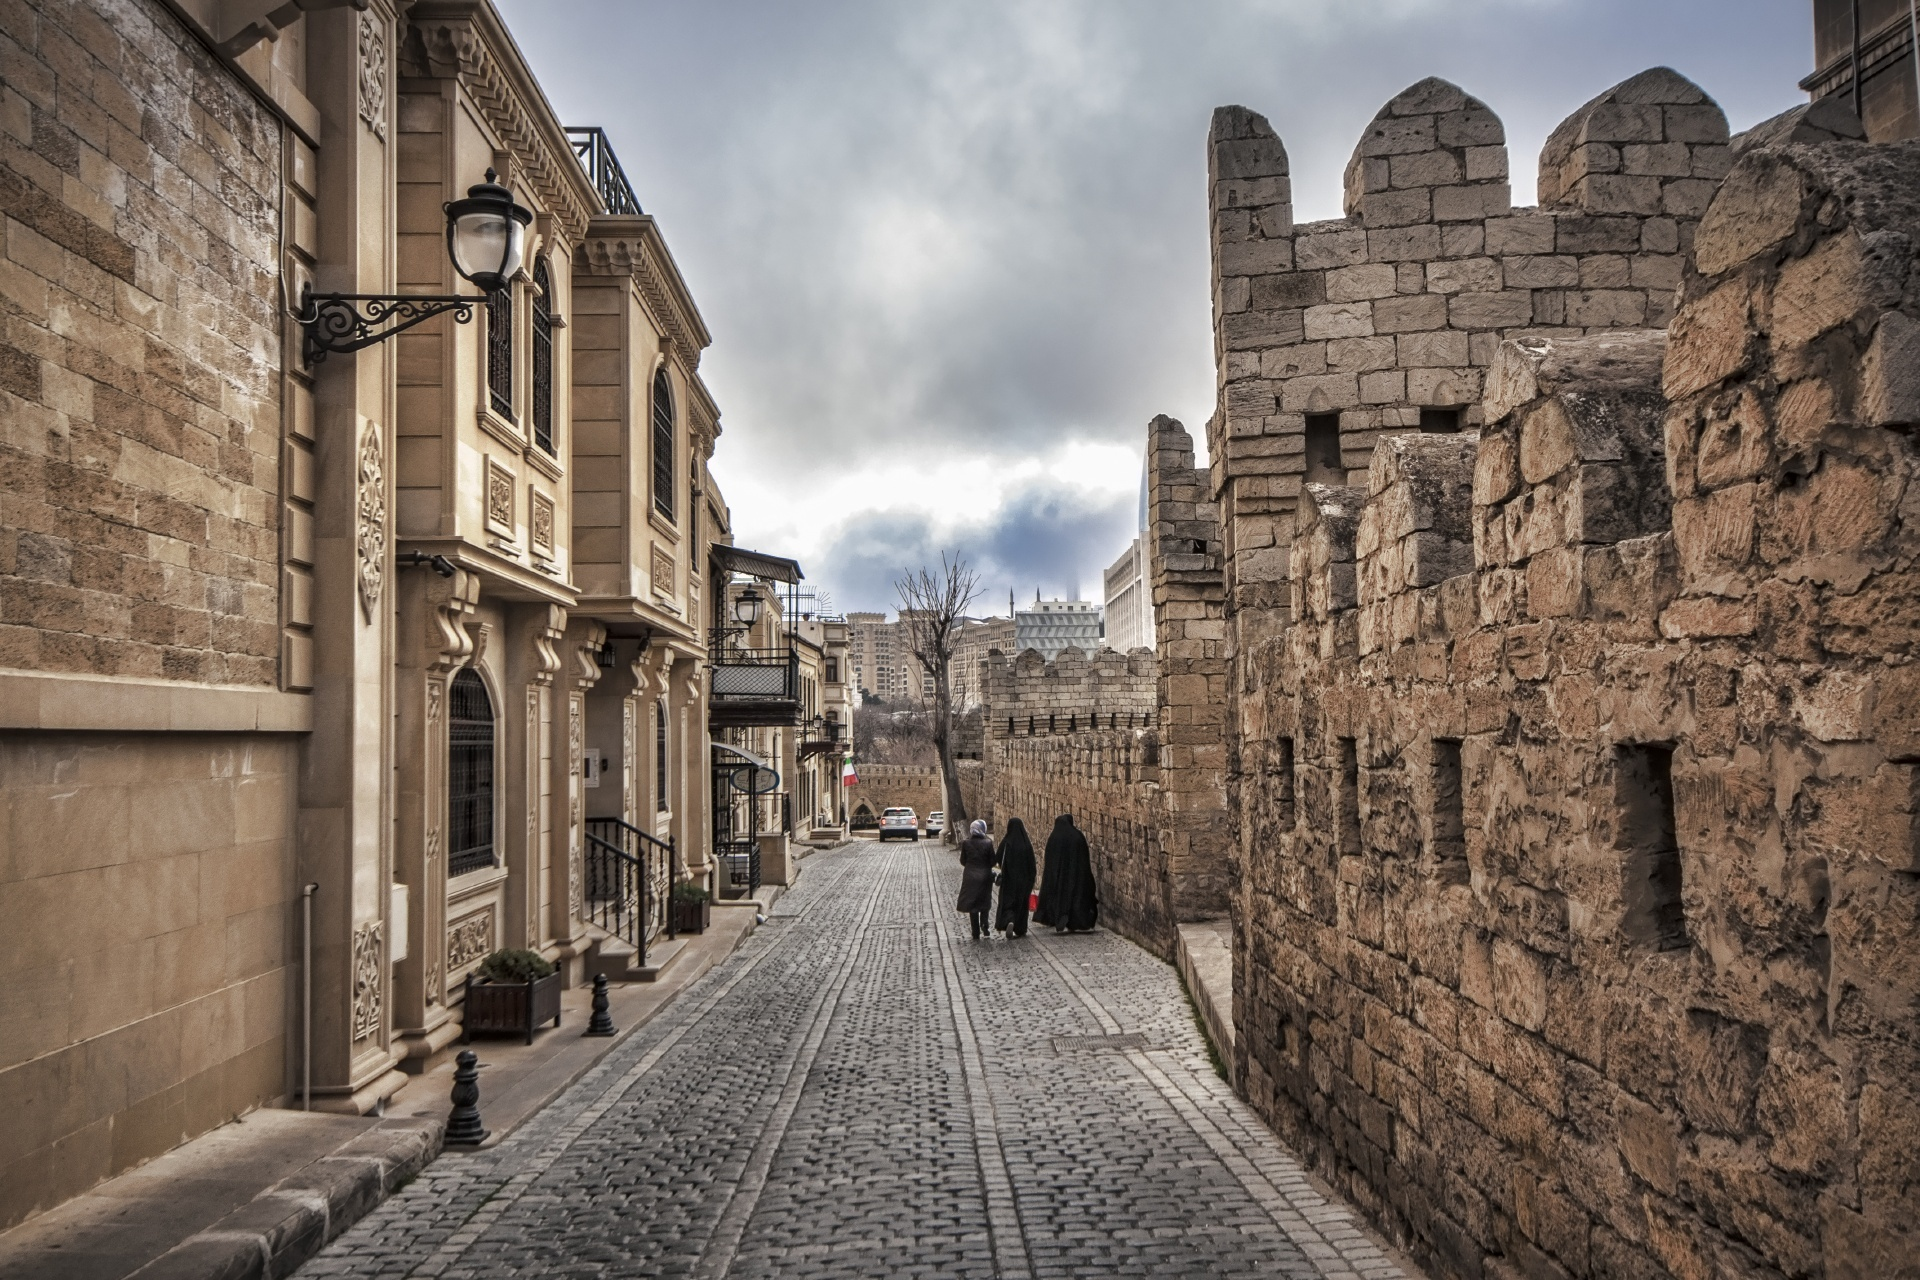 バクーの旧市街 アゼルバイジャンの風景